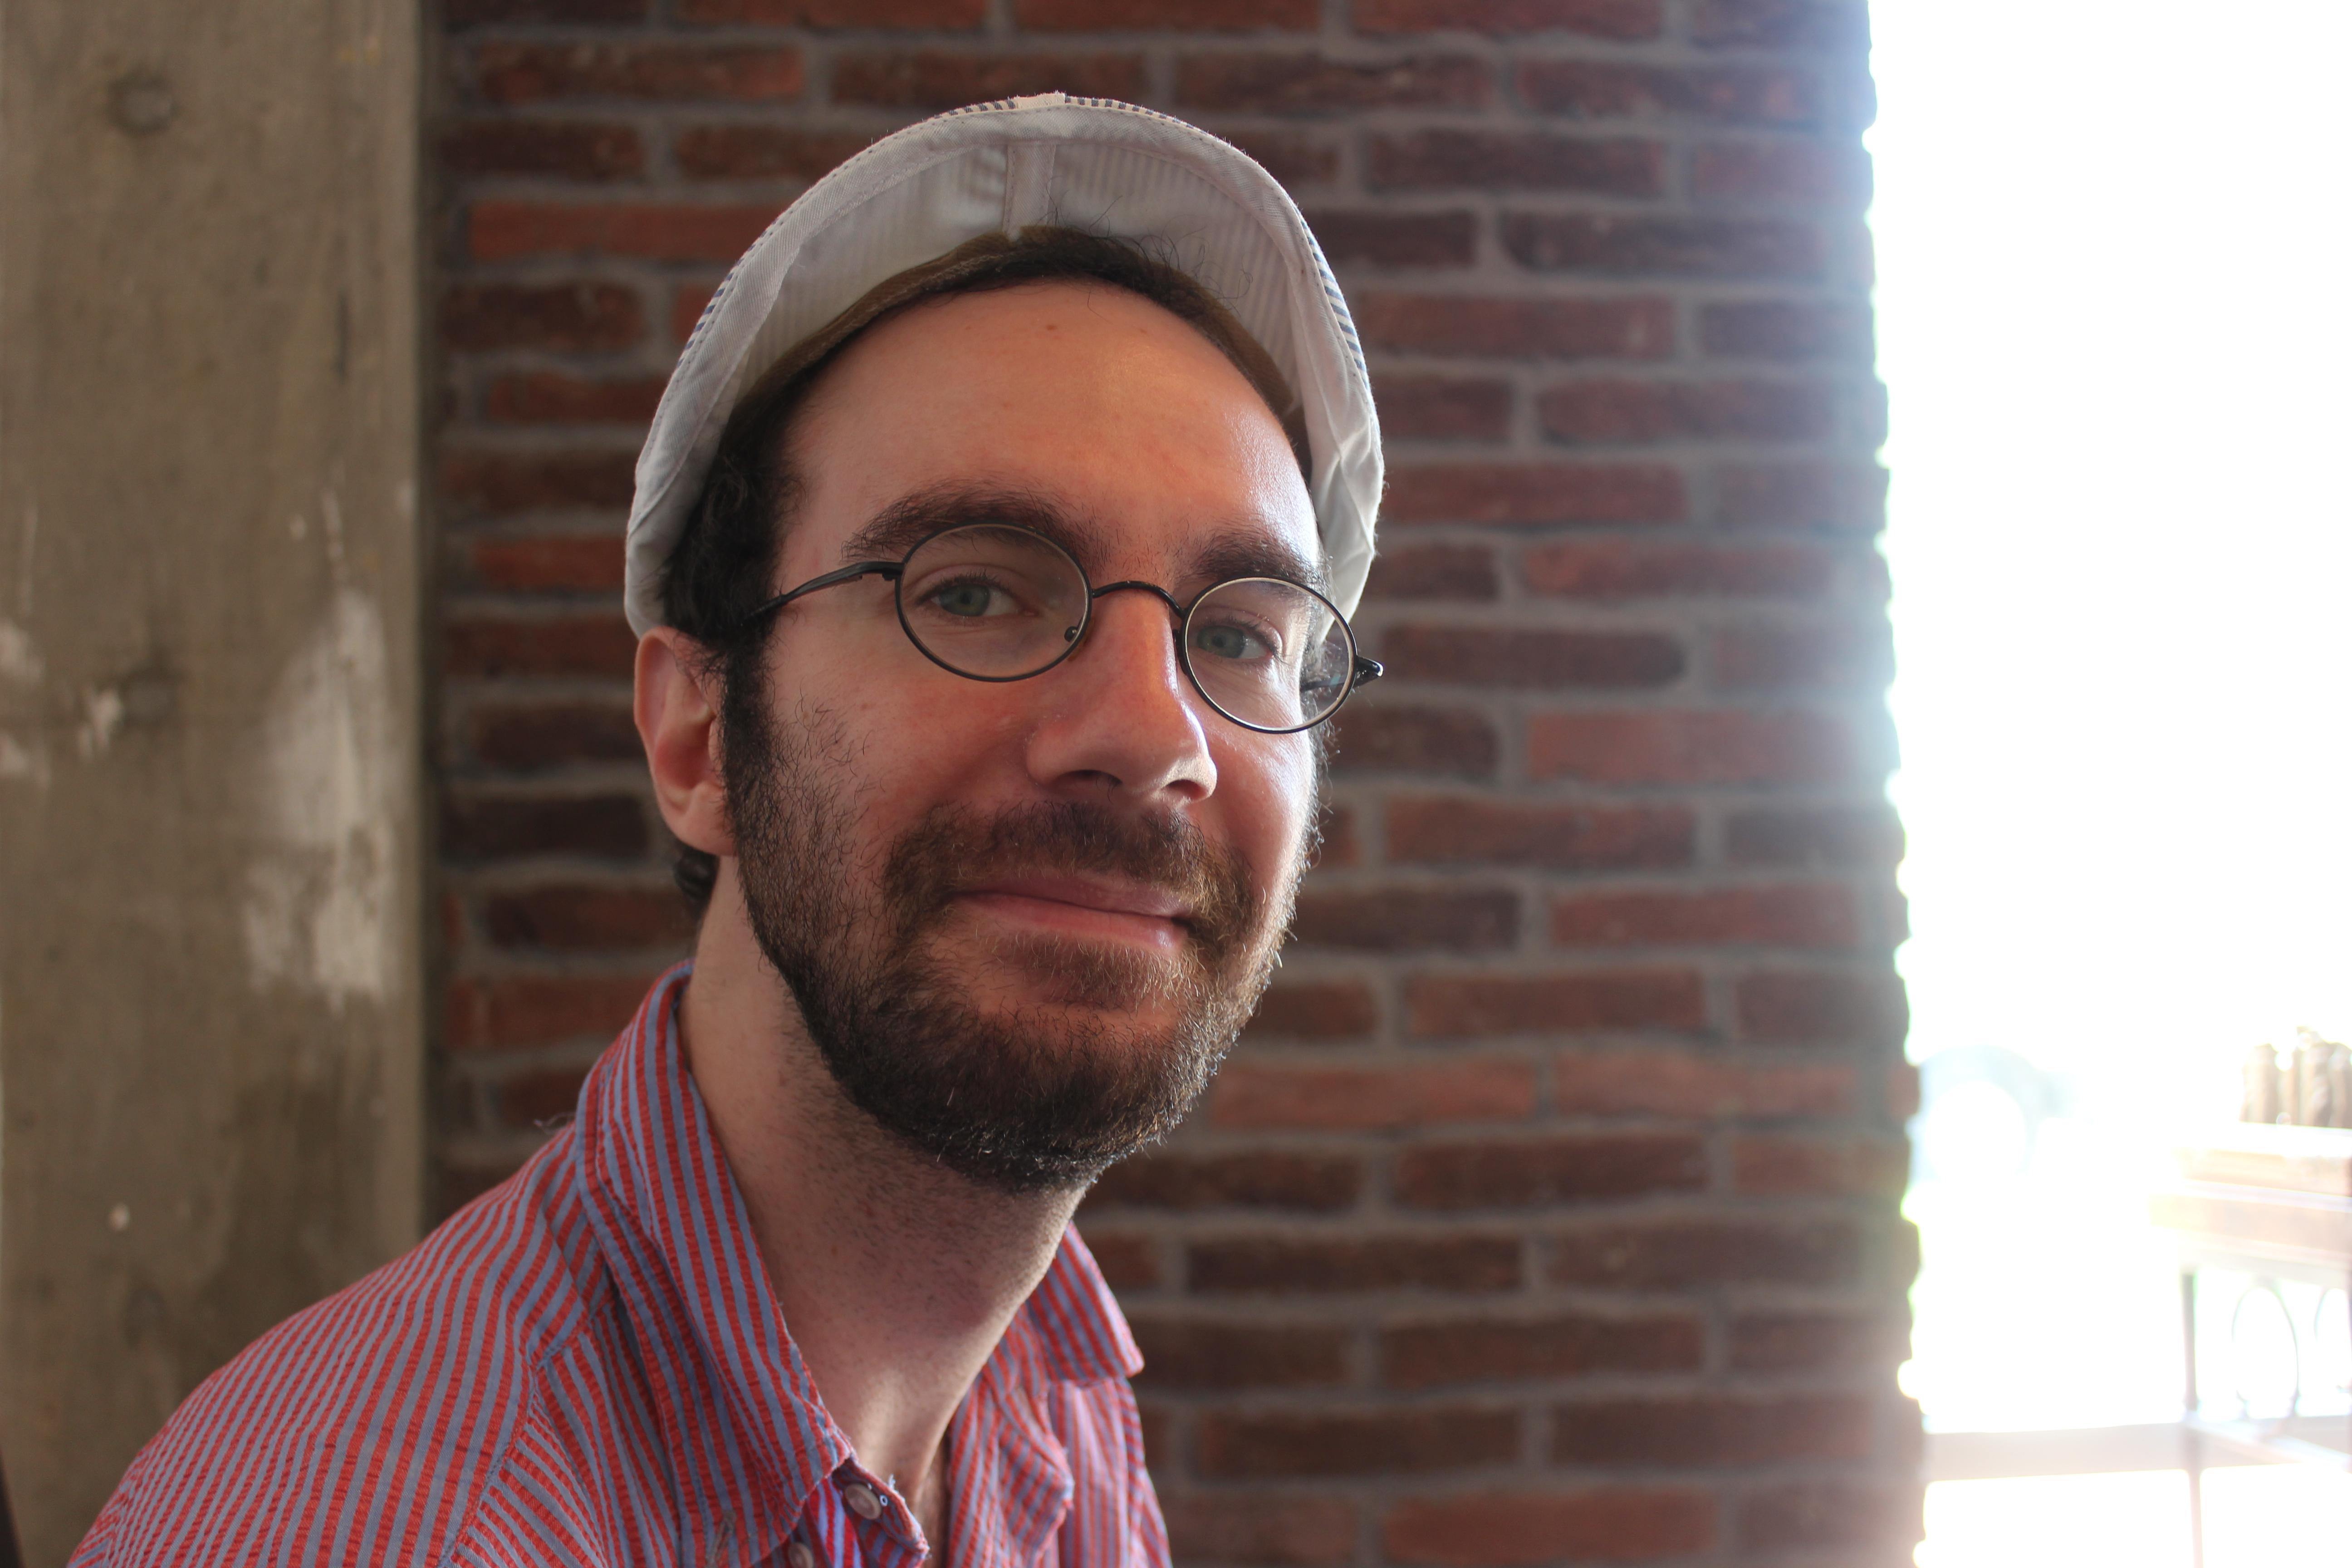 Max Rykov (Ariel Worthy, The Birmingham News)